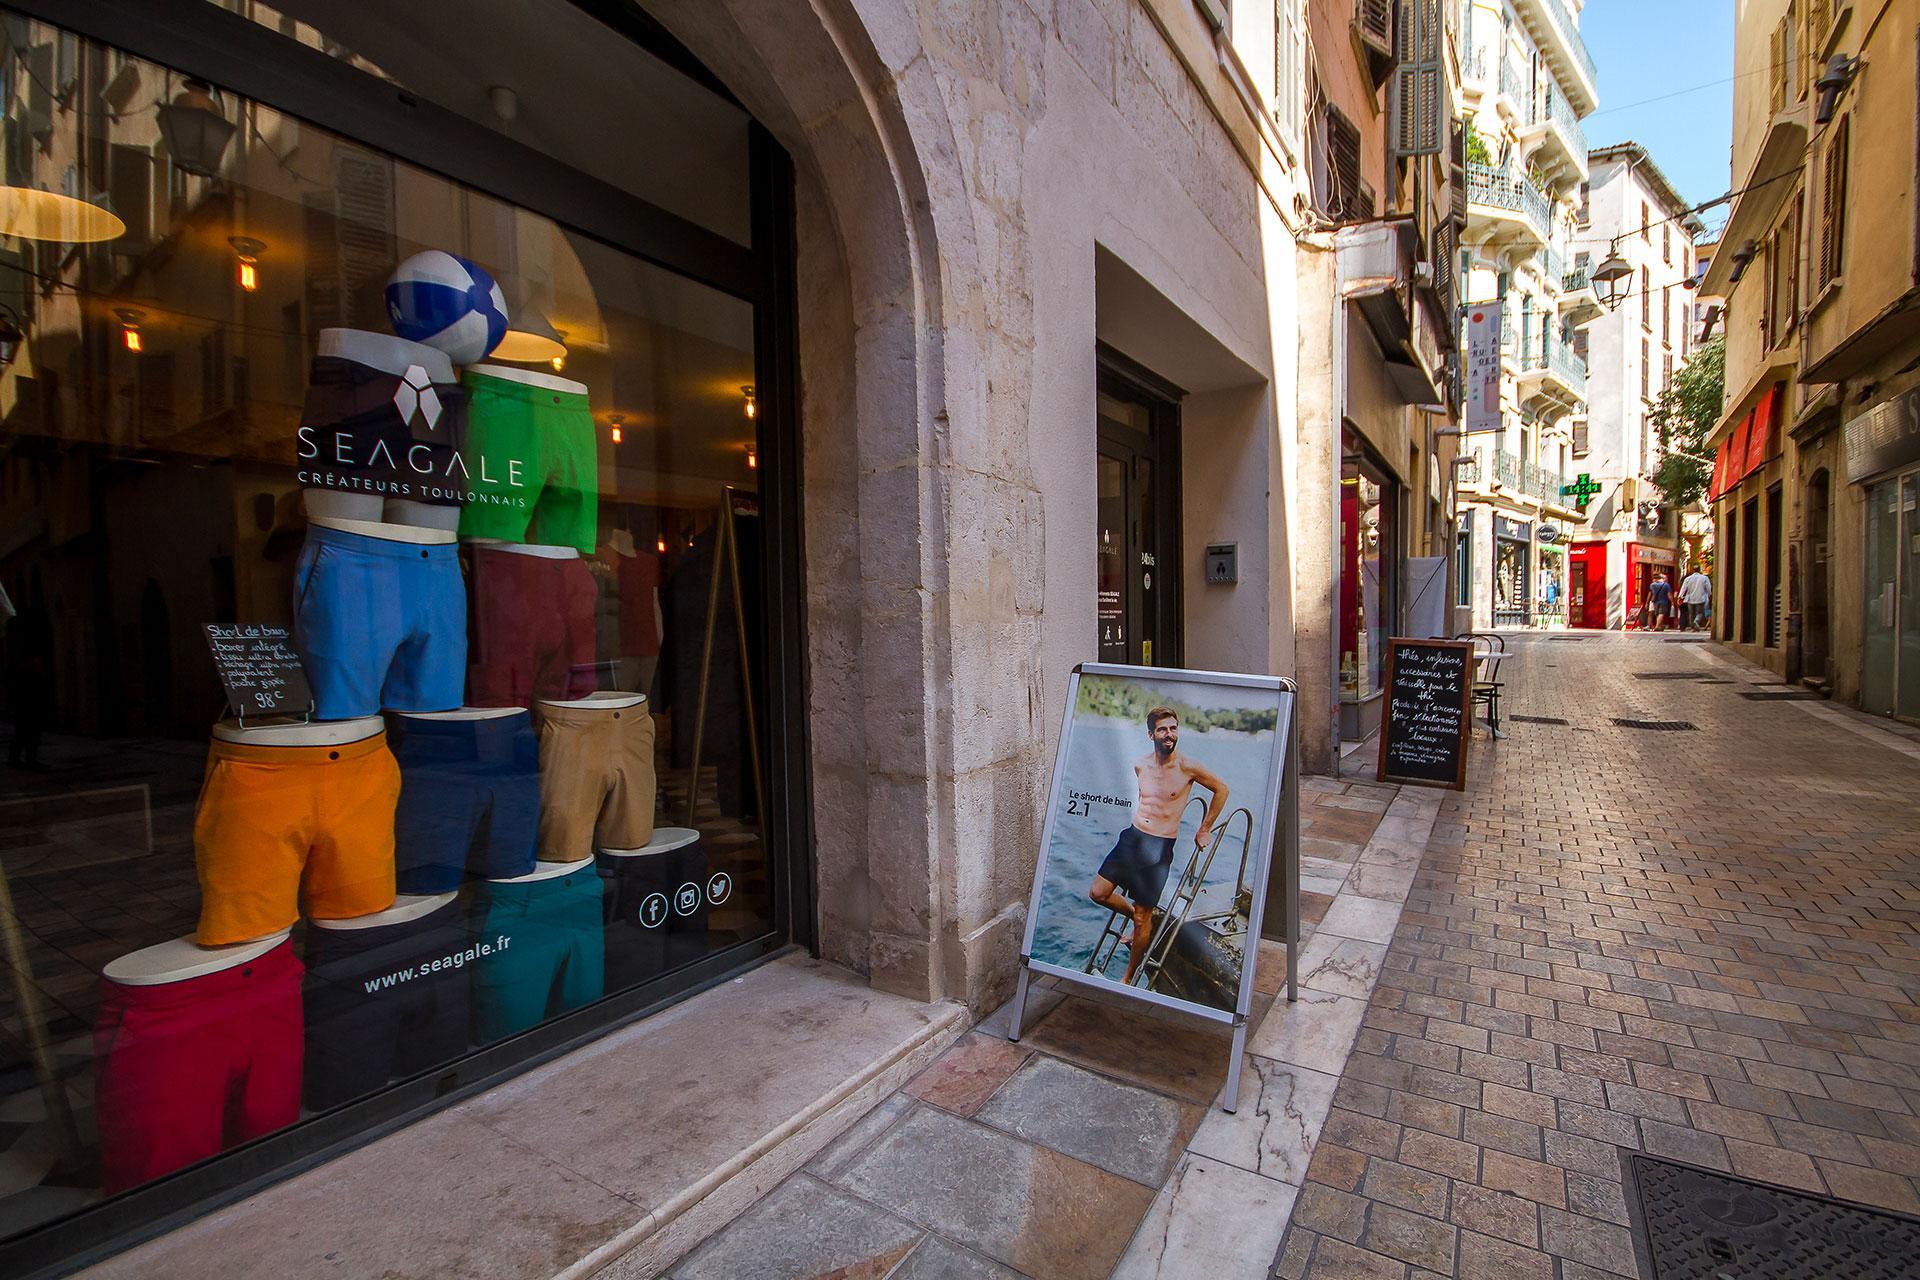 Seagale boutique extérieur